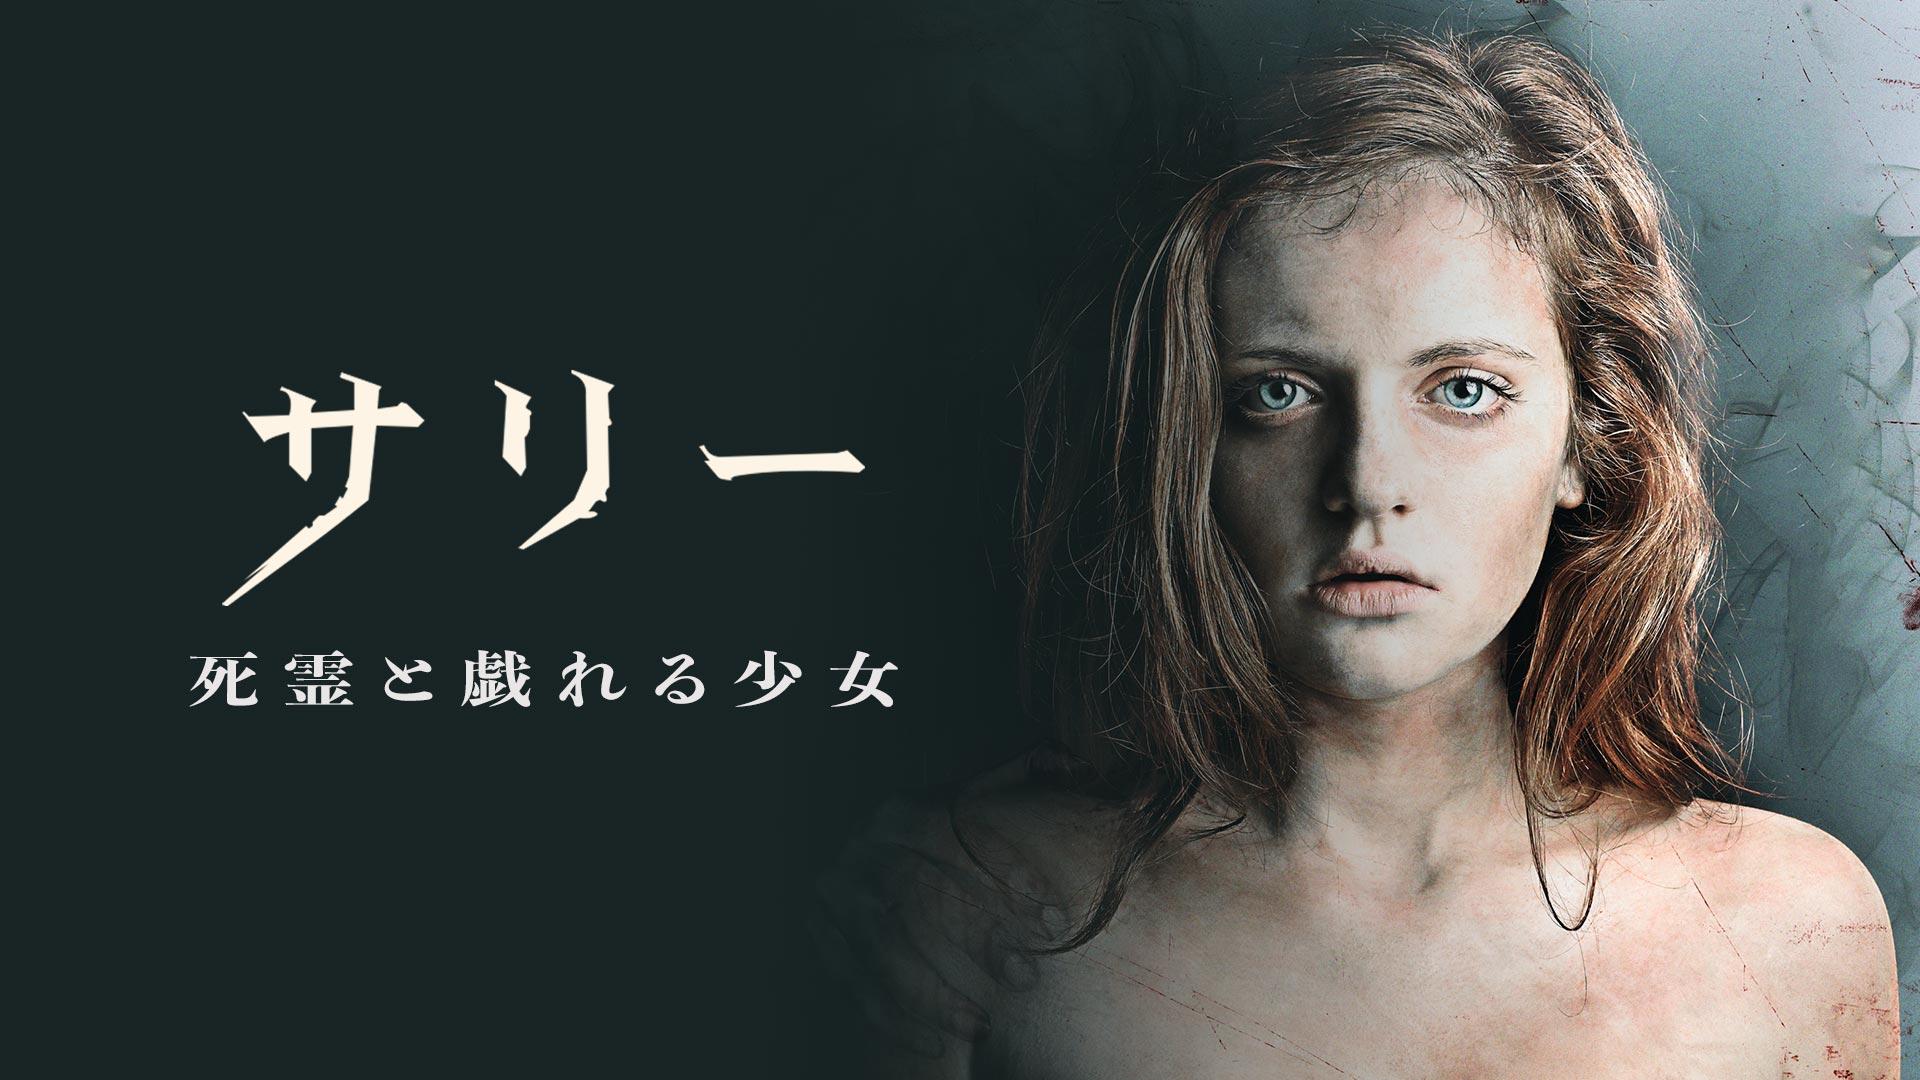 サリー 死霊と戯れる少女(字幕版)